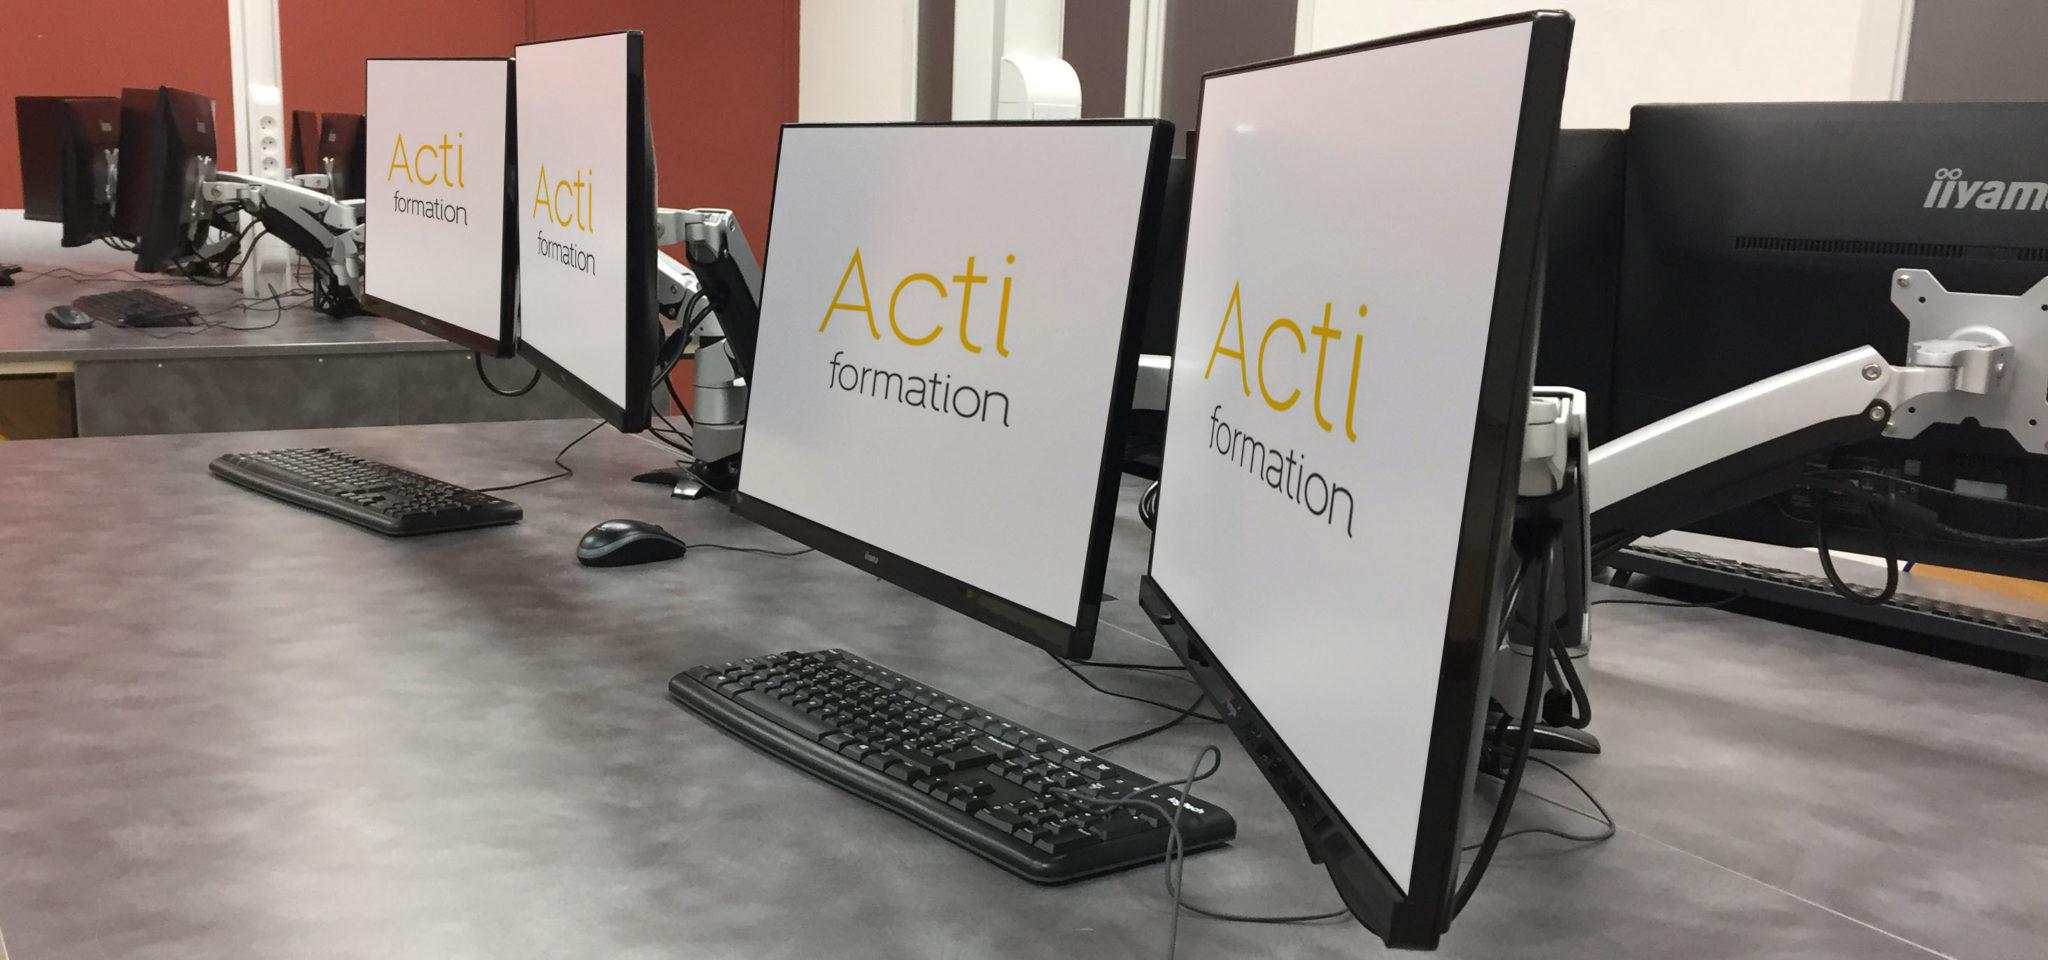 Salle-informatique-logiciel-formation